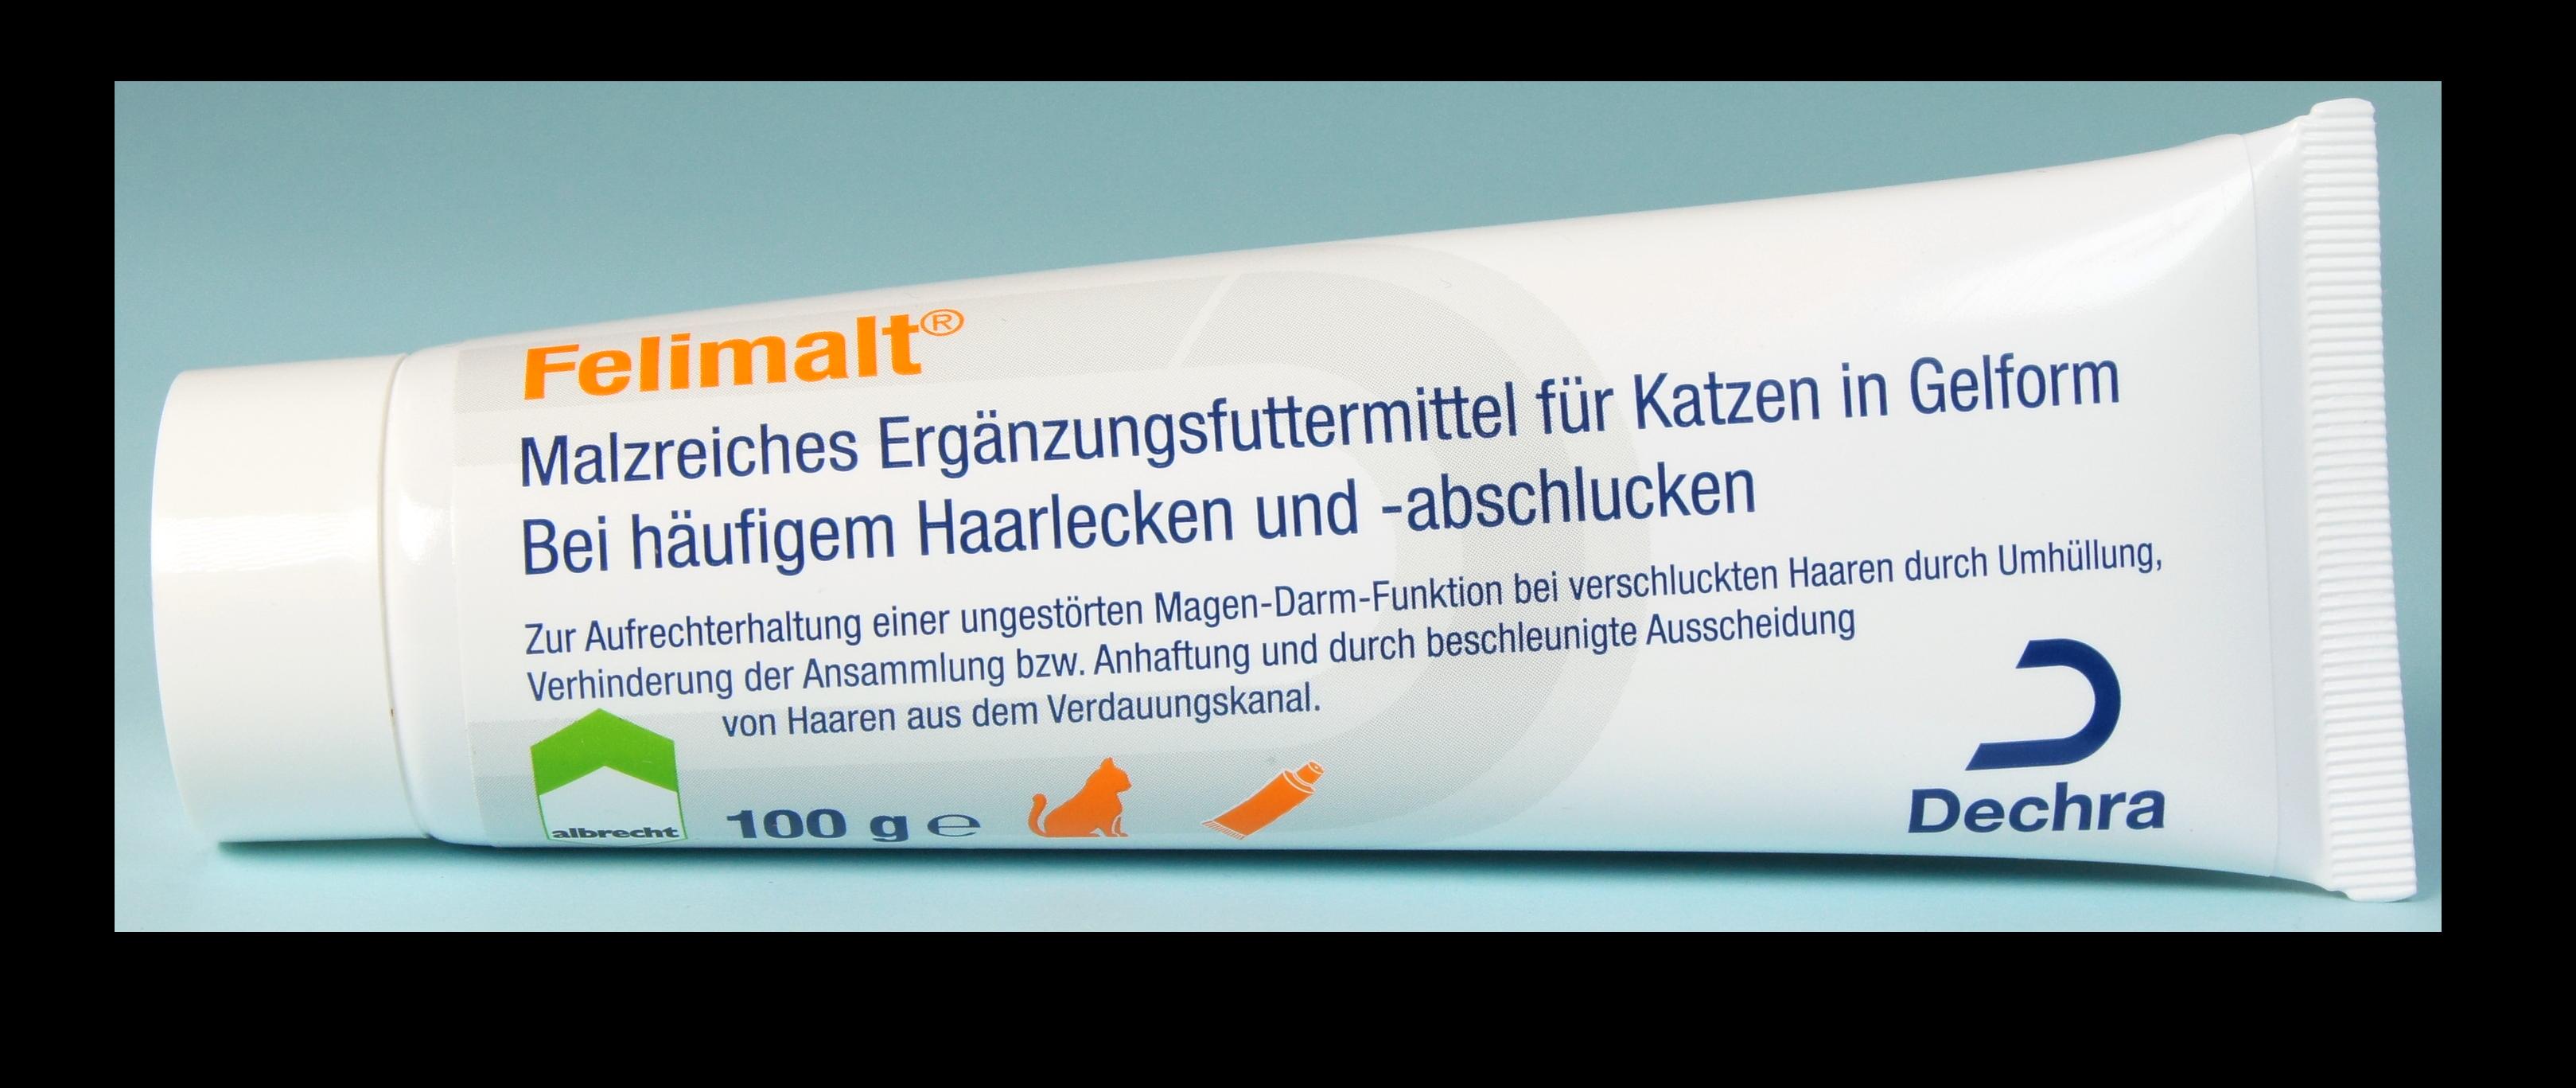 Albrecht Felimalt für Katzen | günstig bei Tiershop.de online kaufen